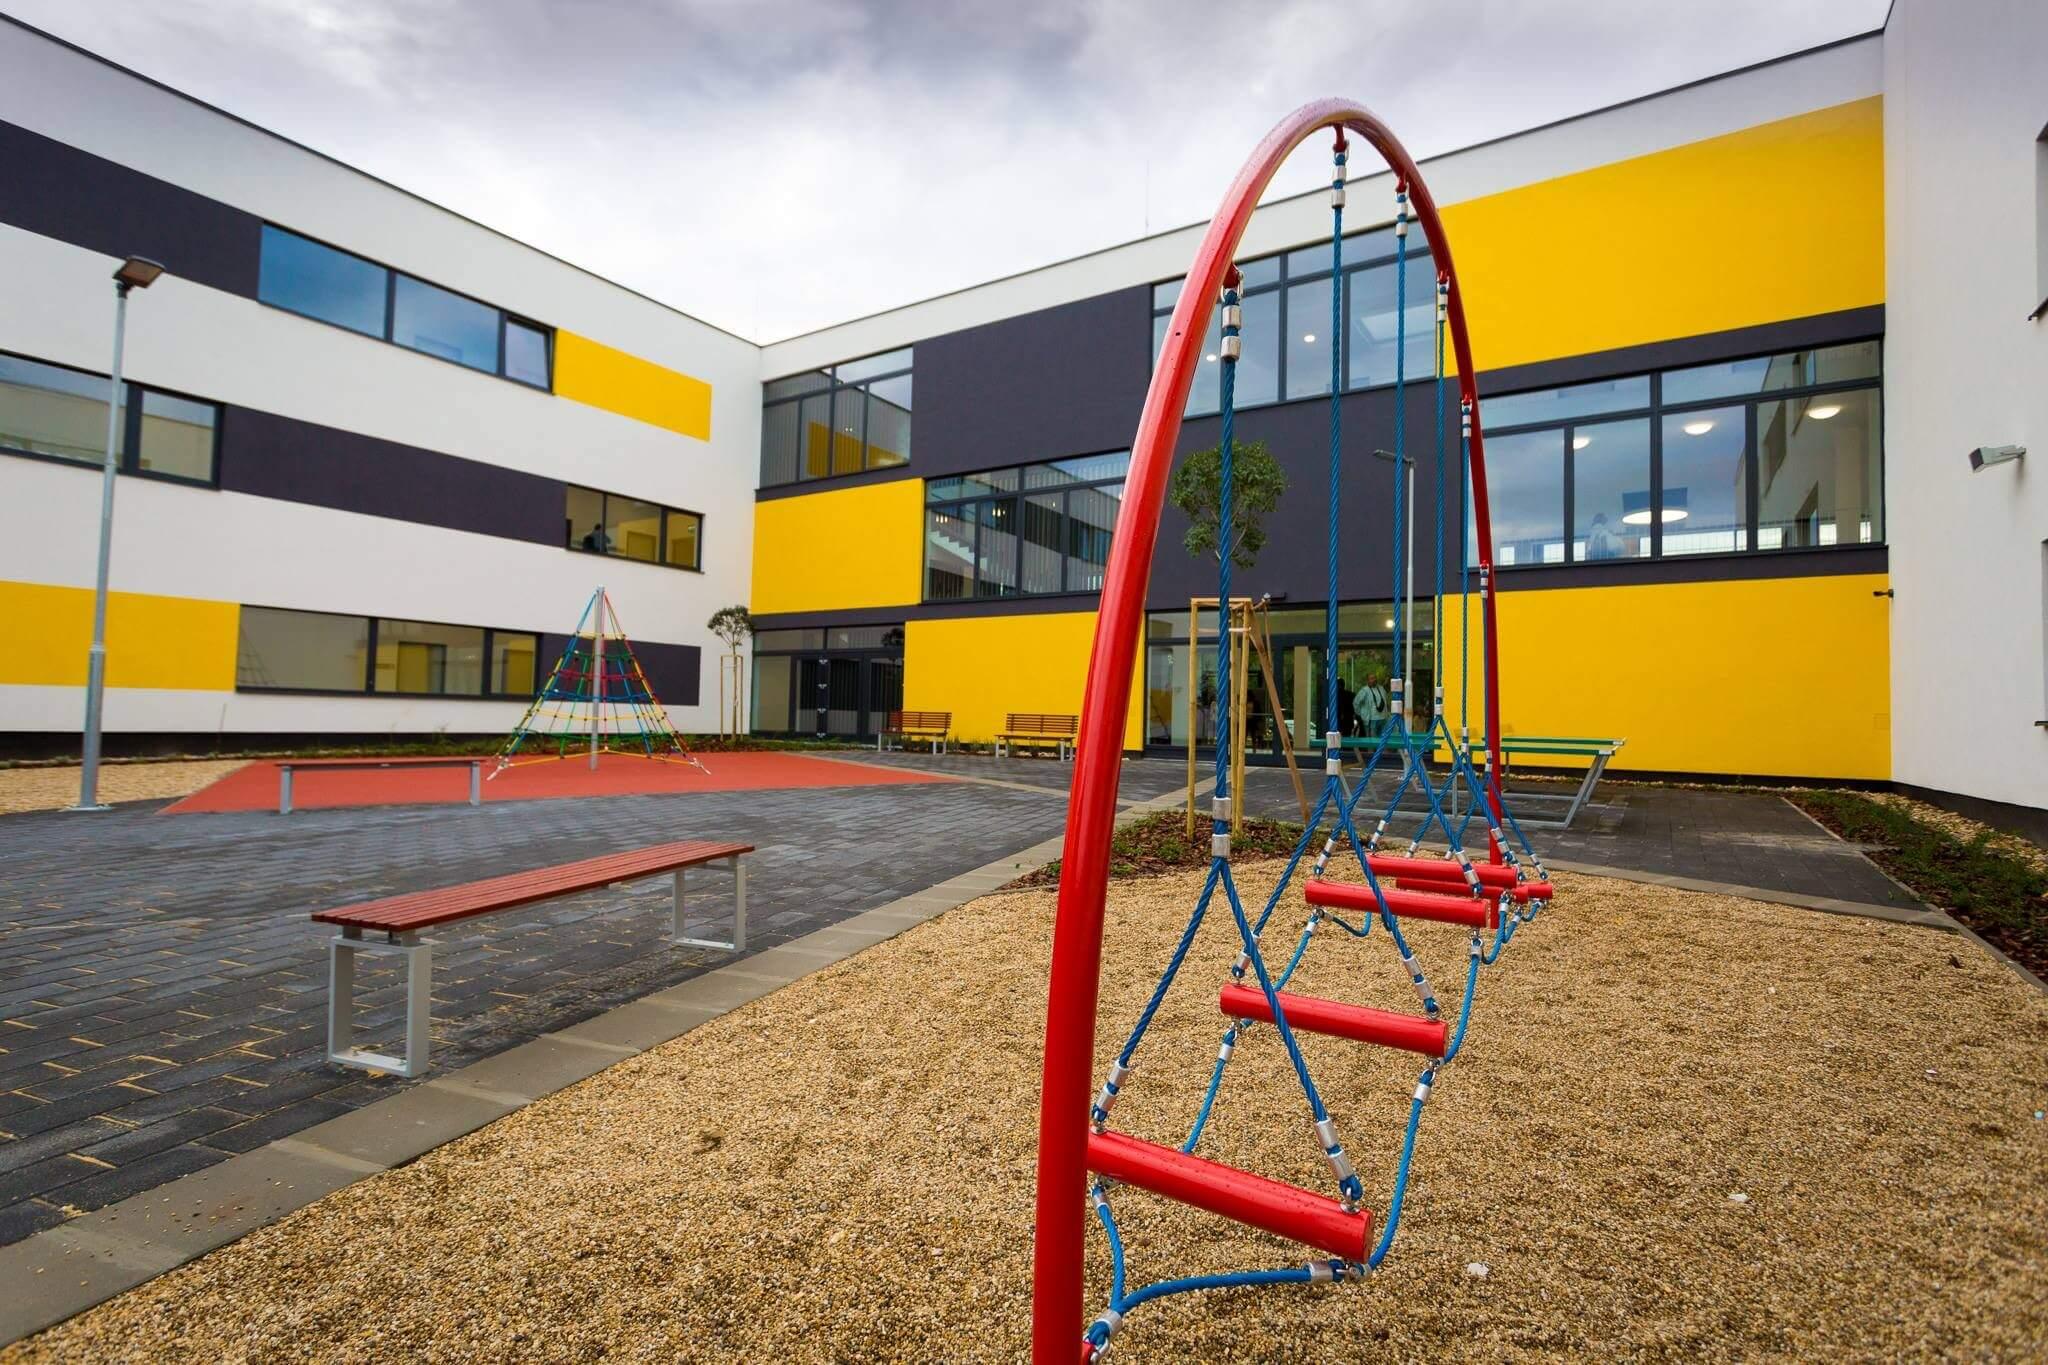 Közel hétszáz gyerek tanulhat Dunakeszi új iskolájában